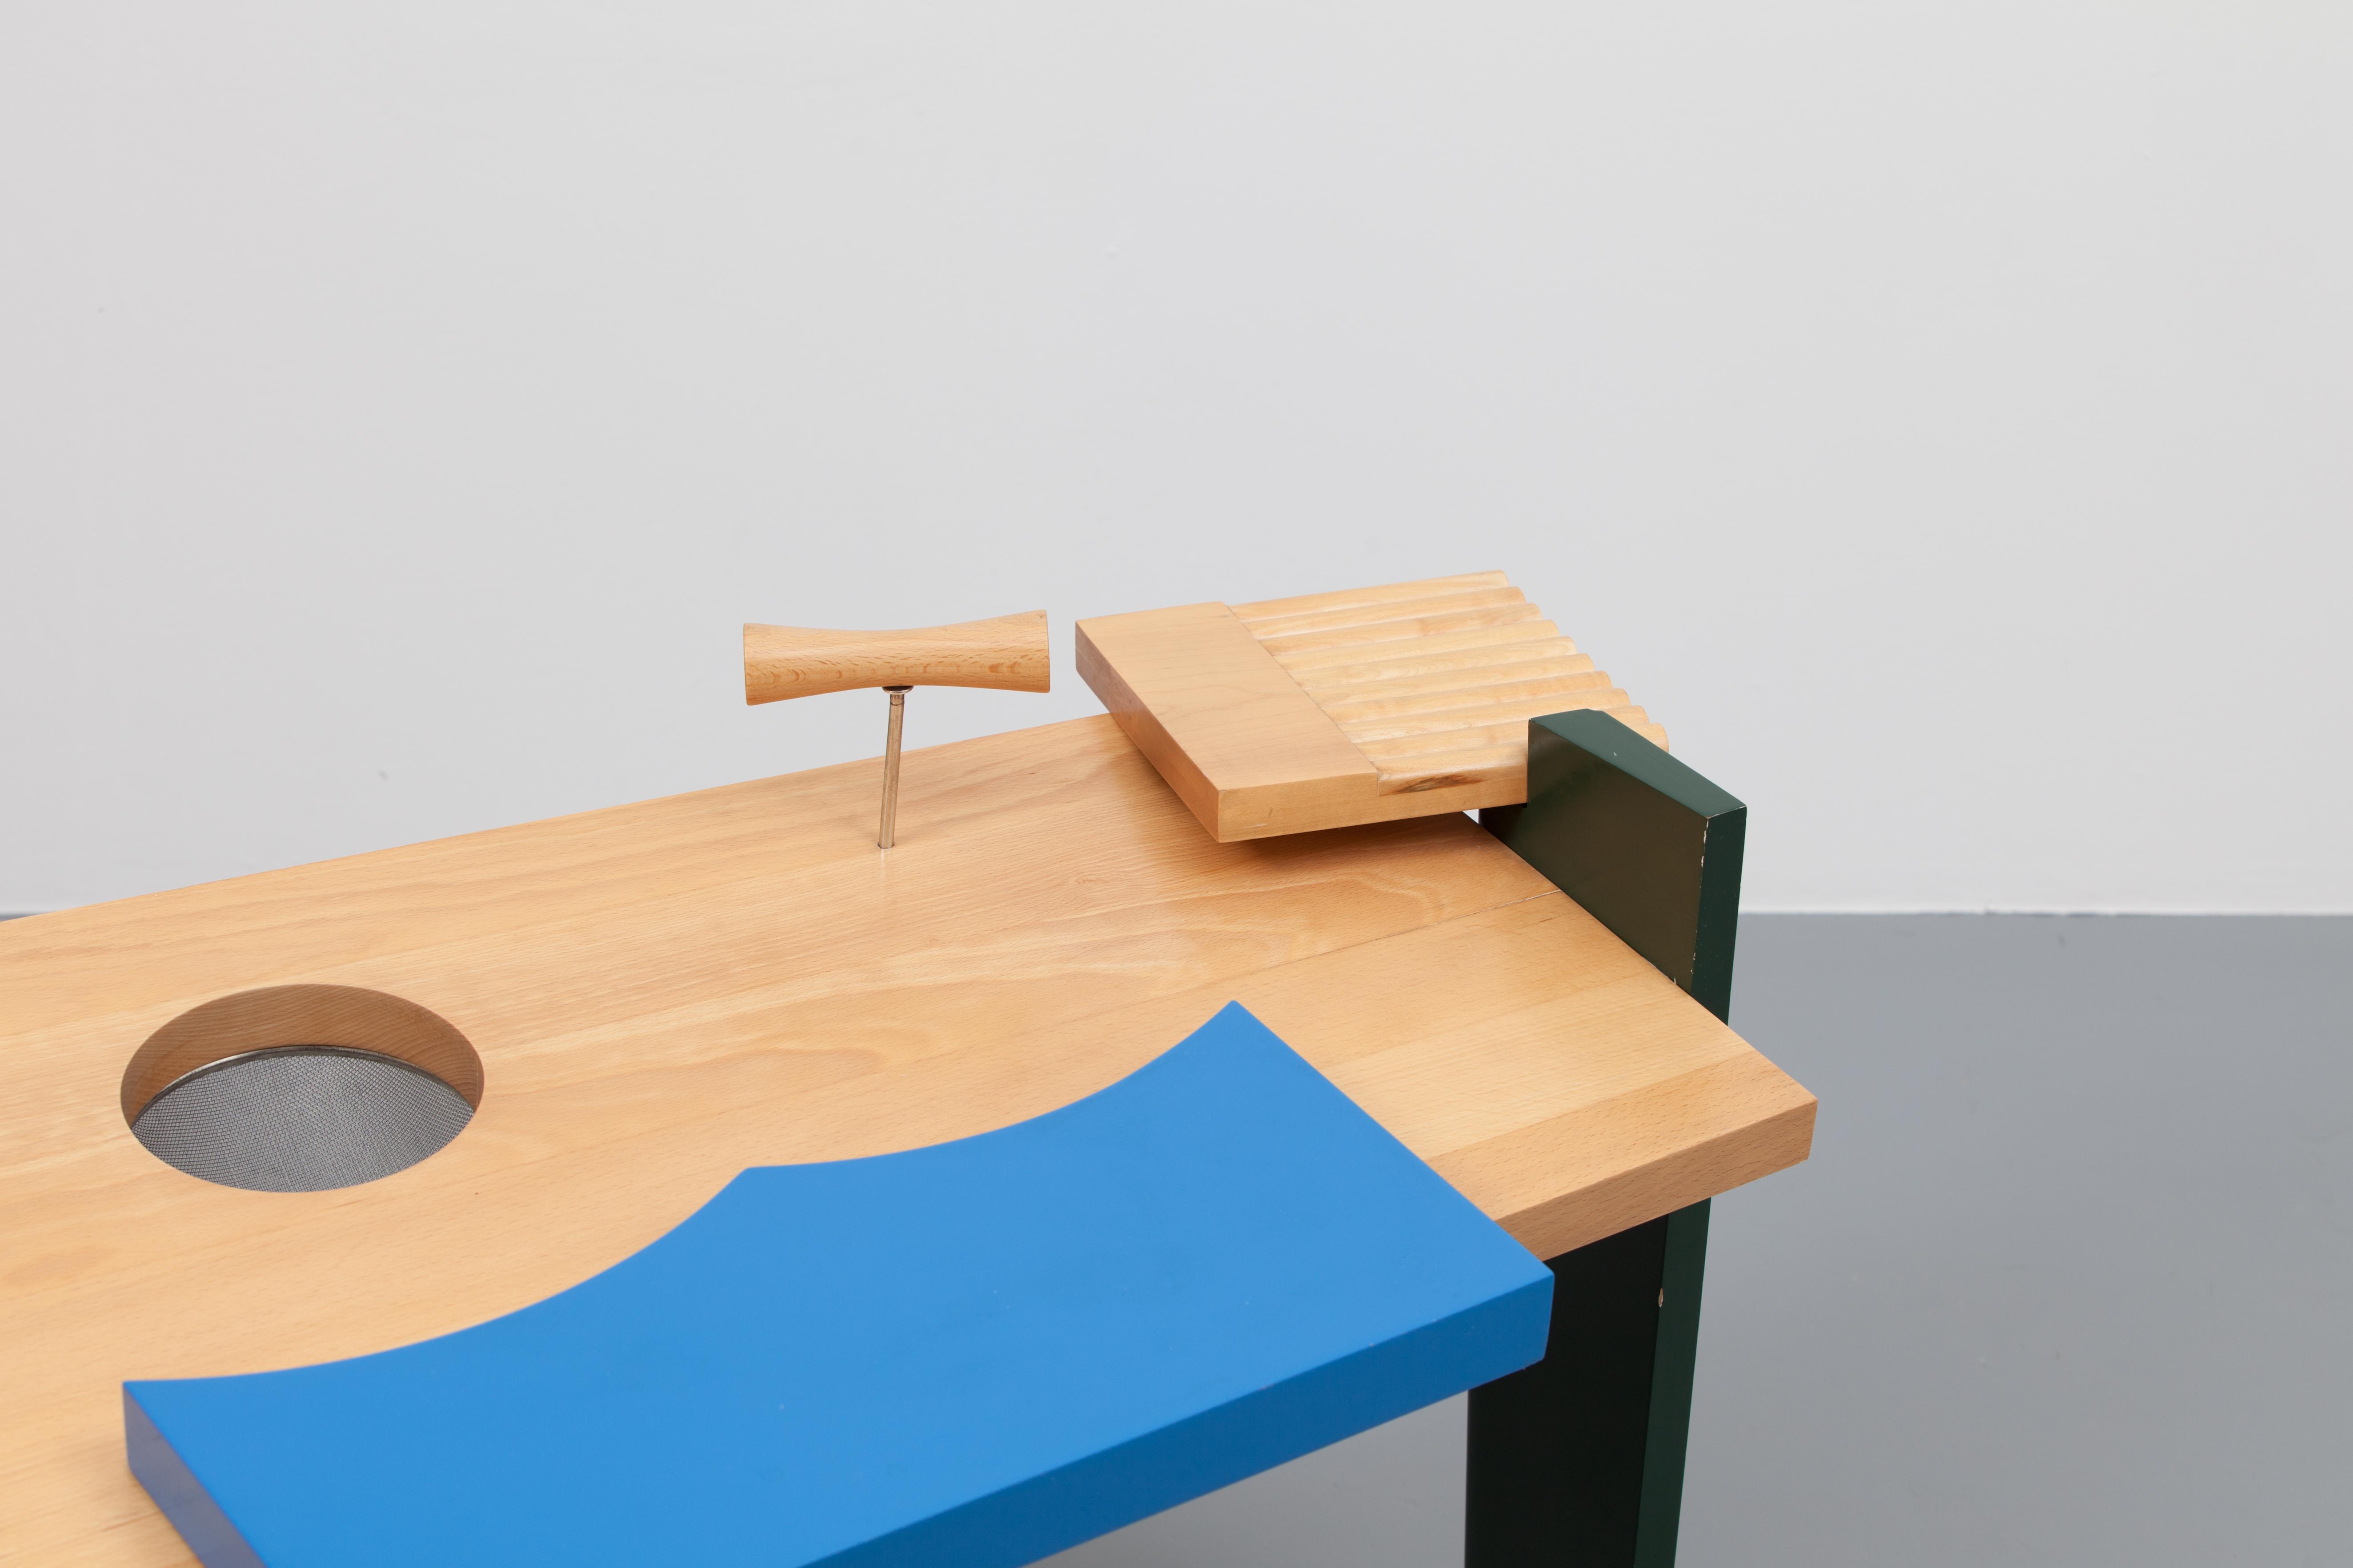 http://a1043.com/wp-content/uploads/Daniel-Weil-Fruit-table_003.jpg